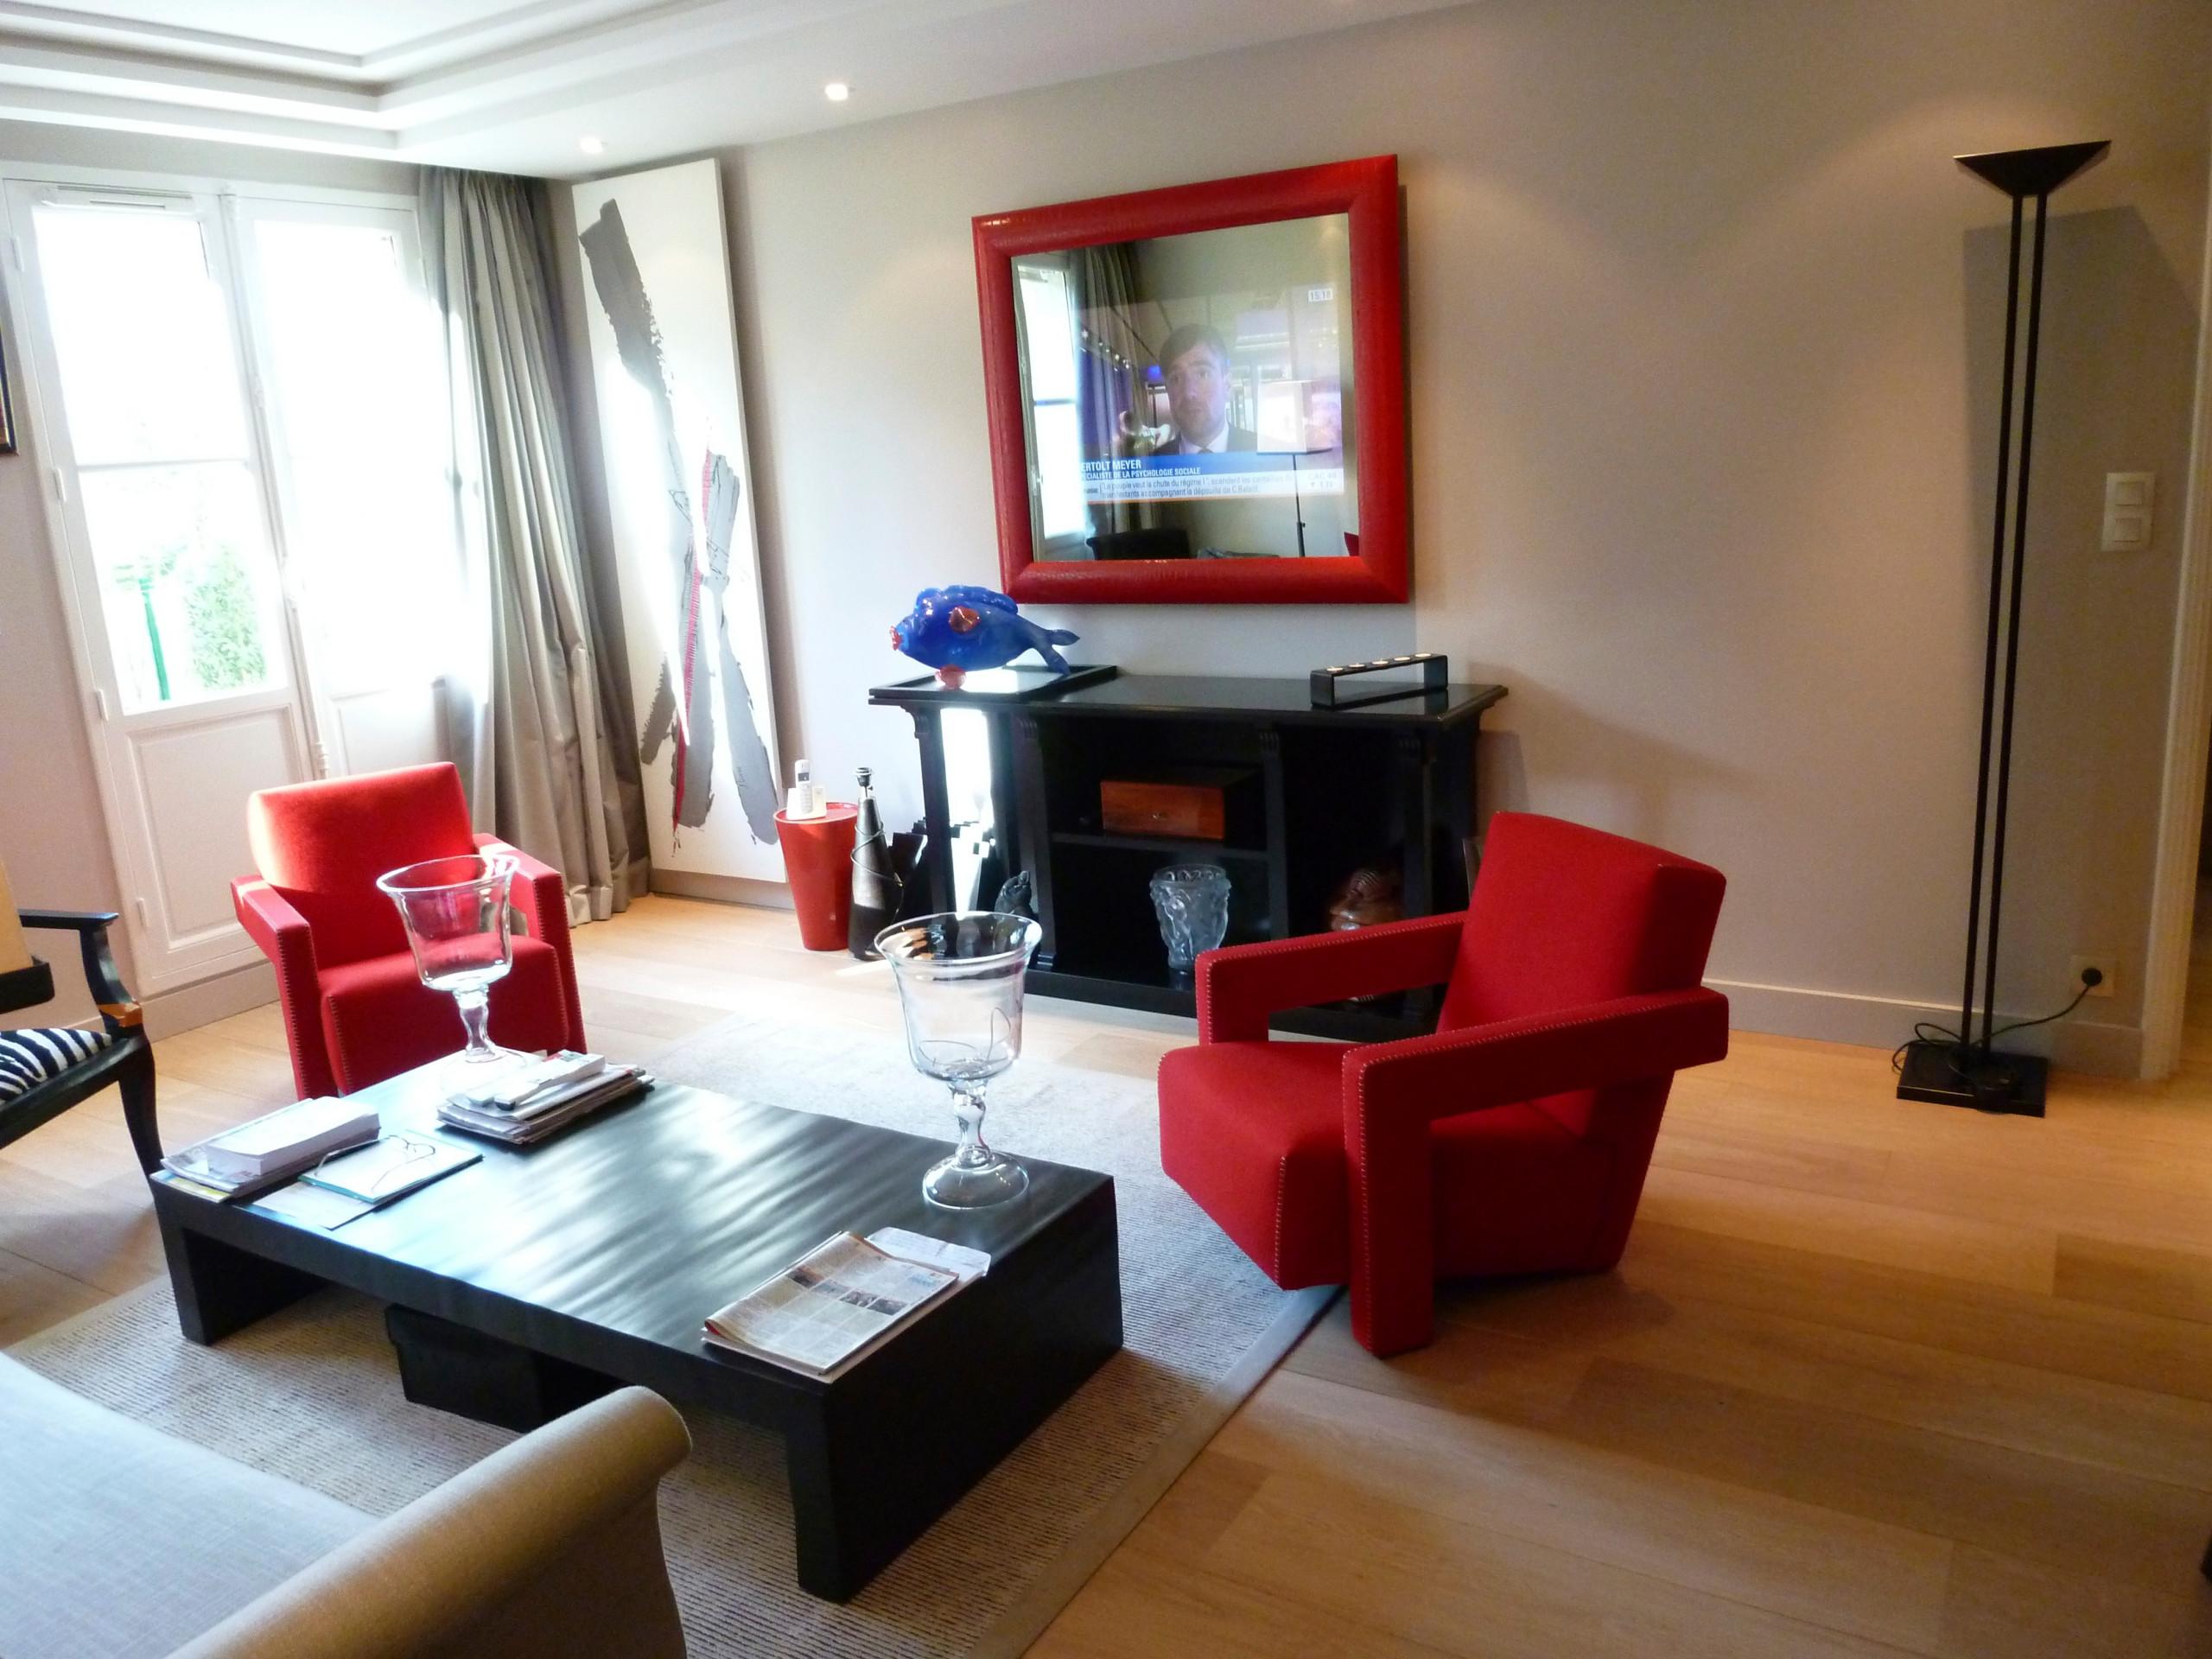 Appartement en rouge et noir